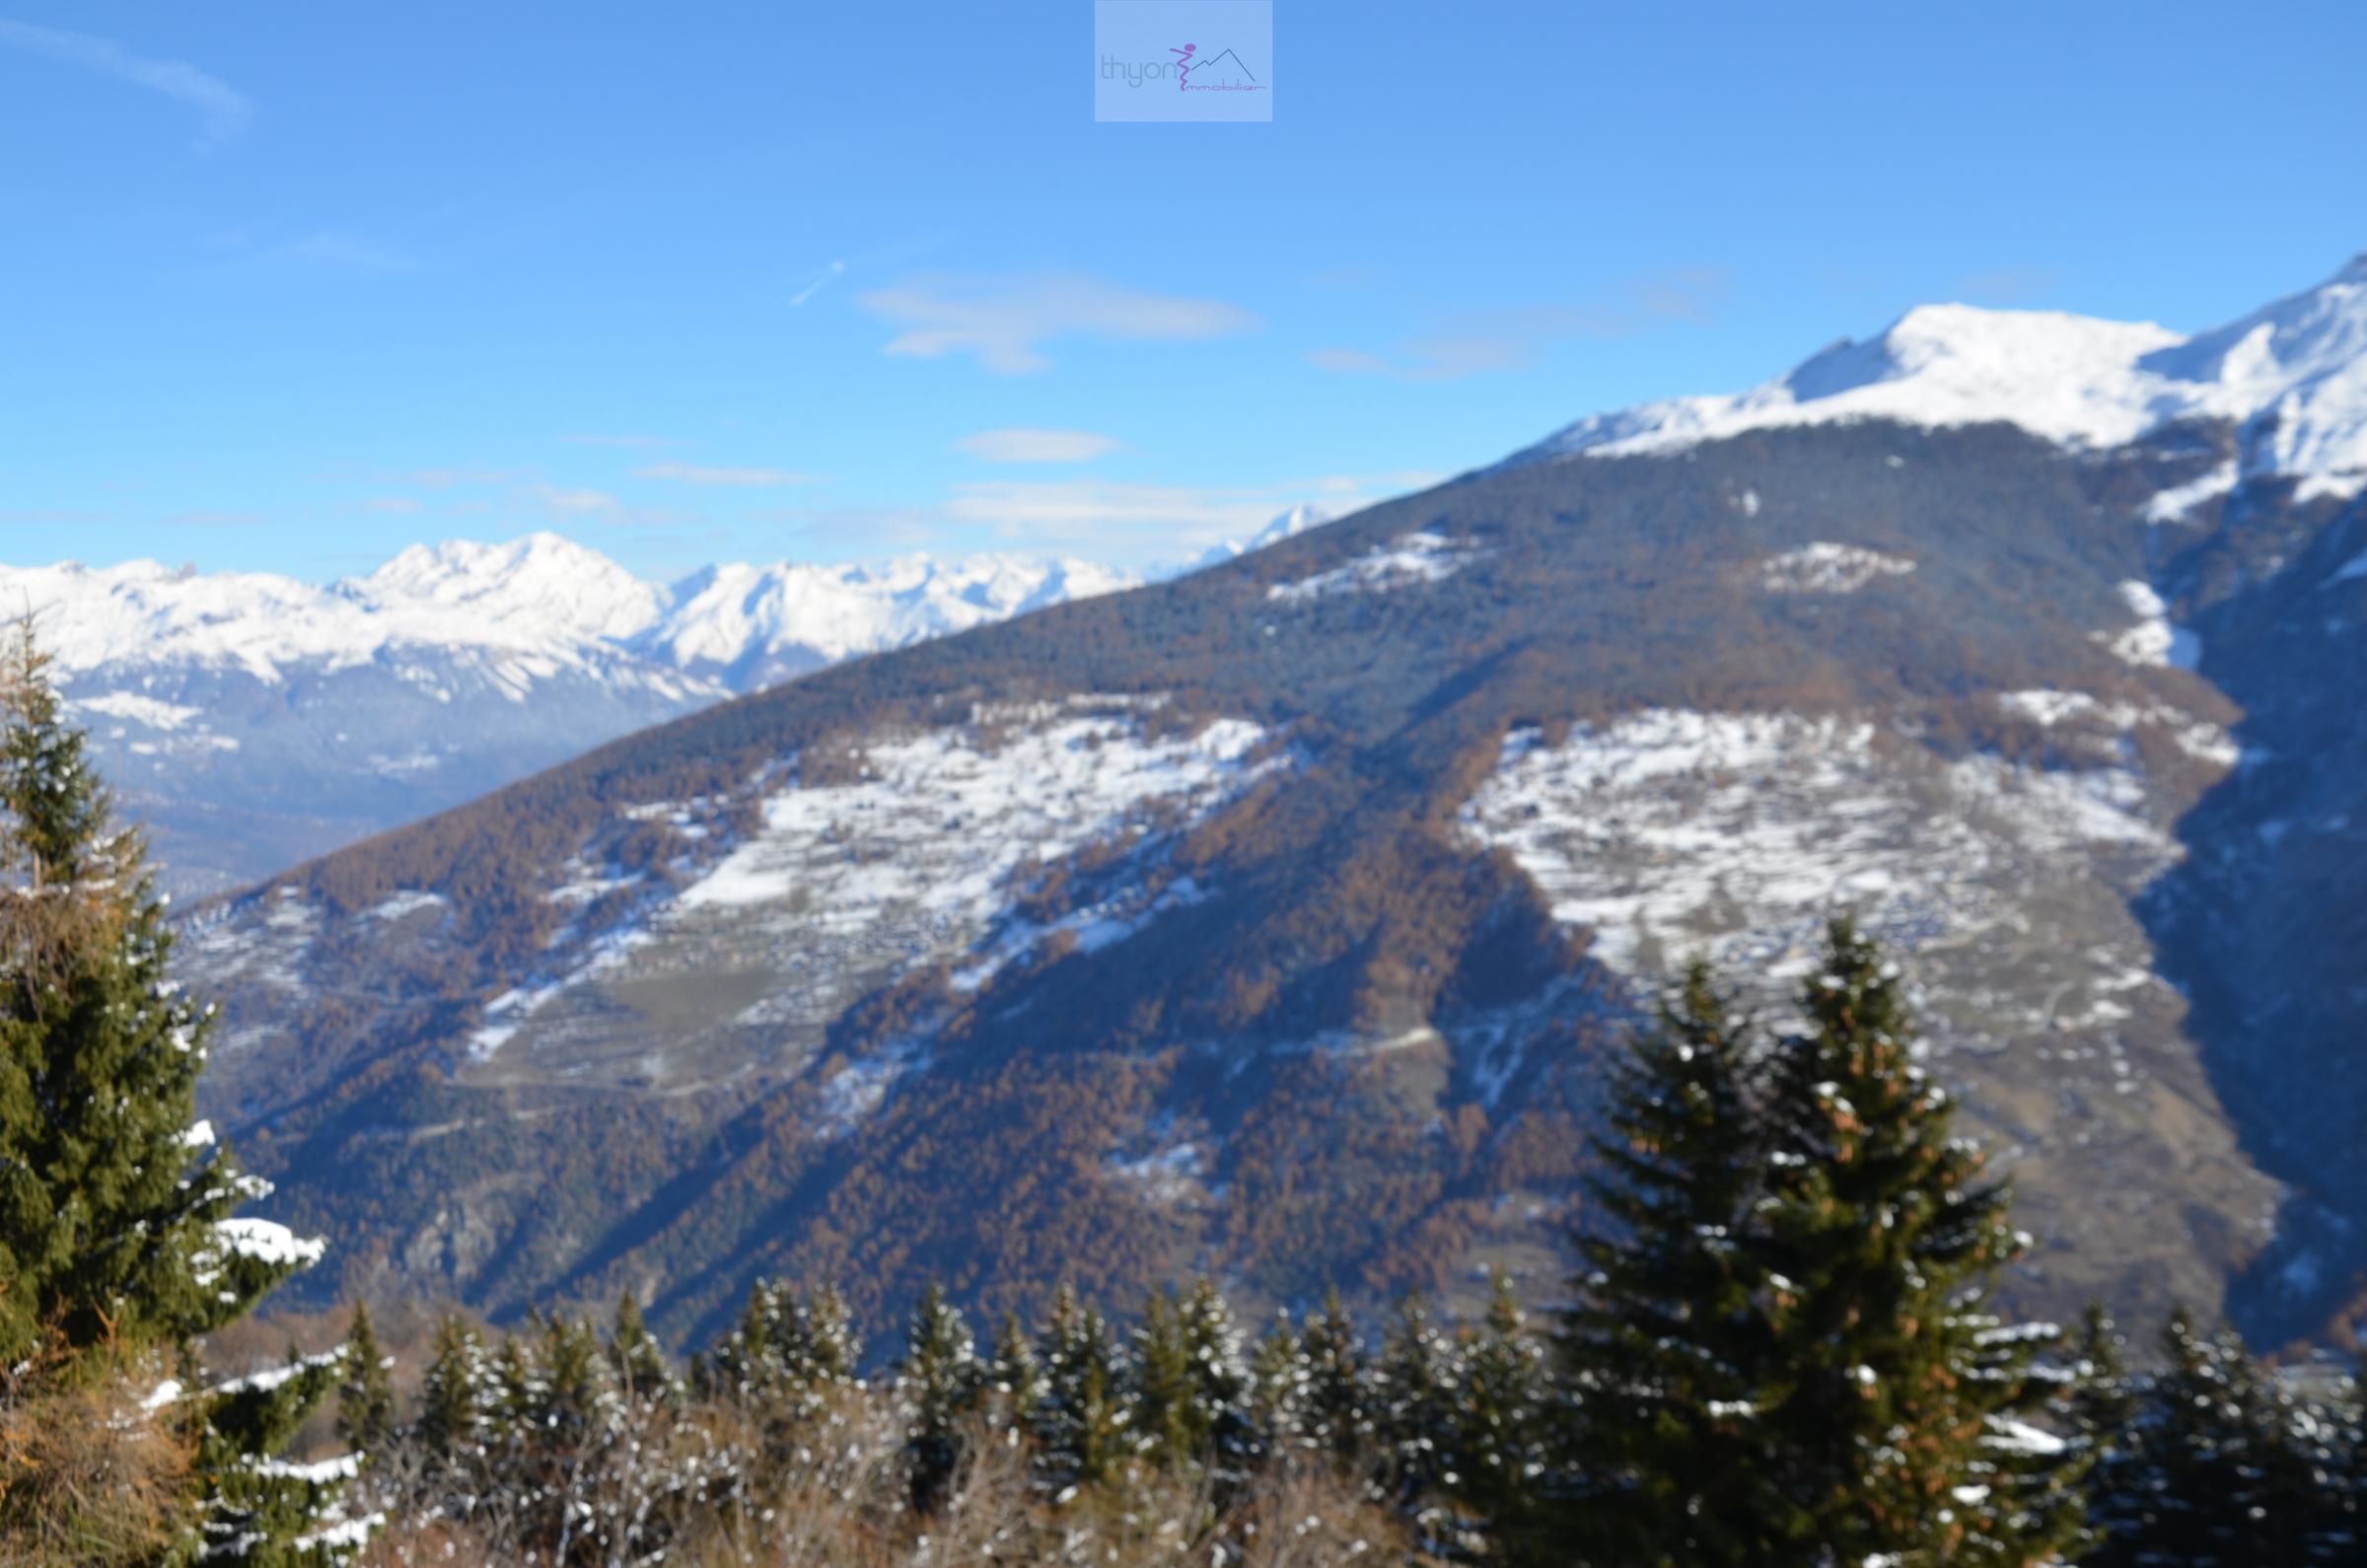 Appartement de vacances Panorama 80 (1947995), Thyon-Les Collons, 4 Vallées, Valais, Suisse, image 8